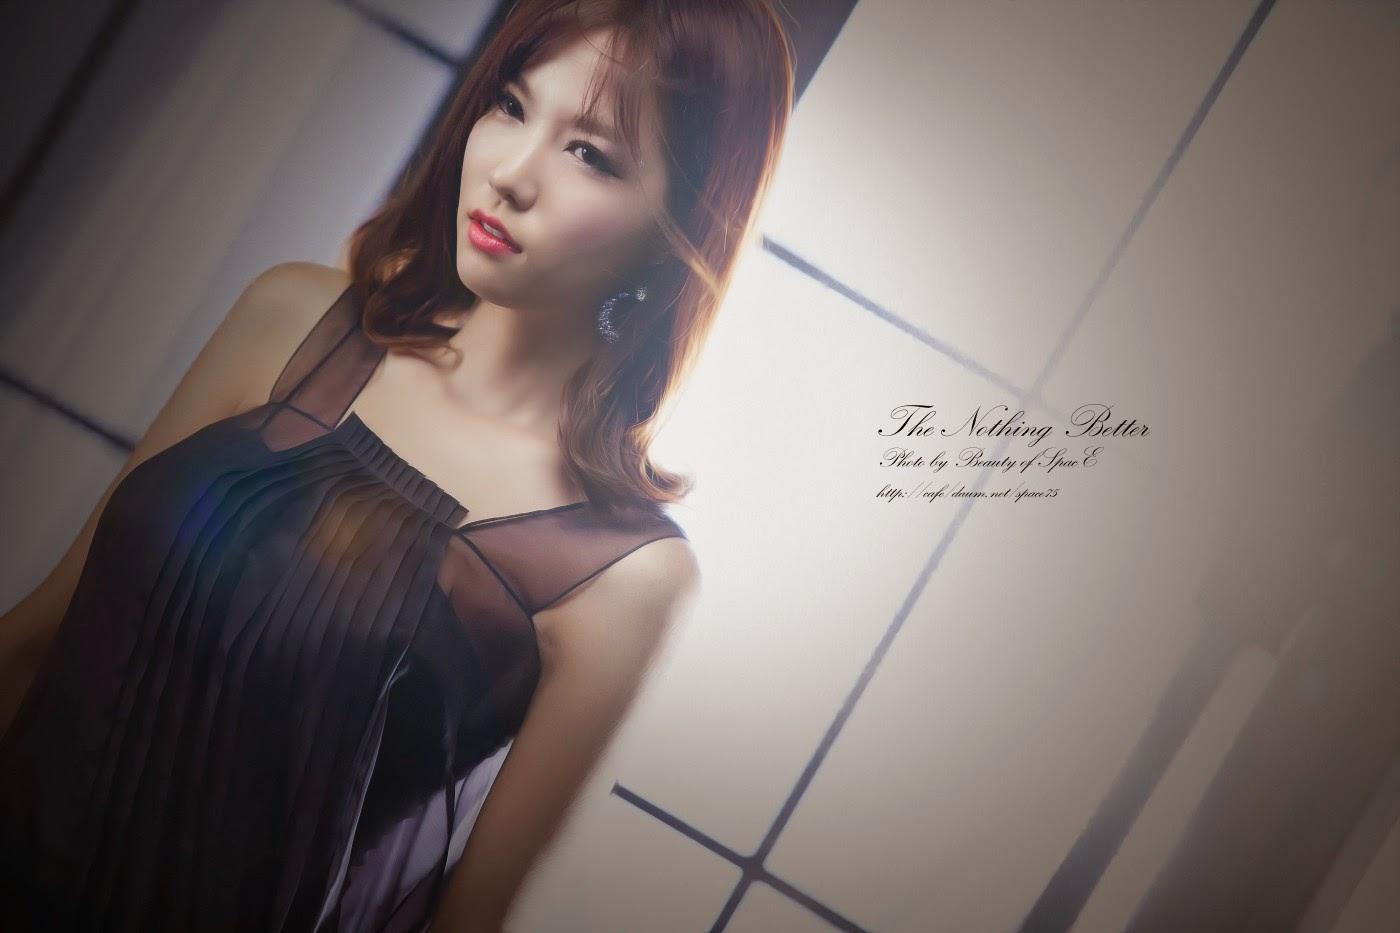 1 Han Min Young - Nothing Better - very cute asian girl-girlcute4u.blogspot.com